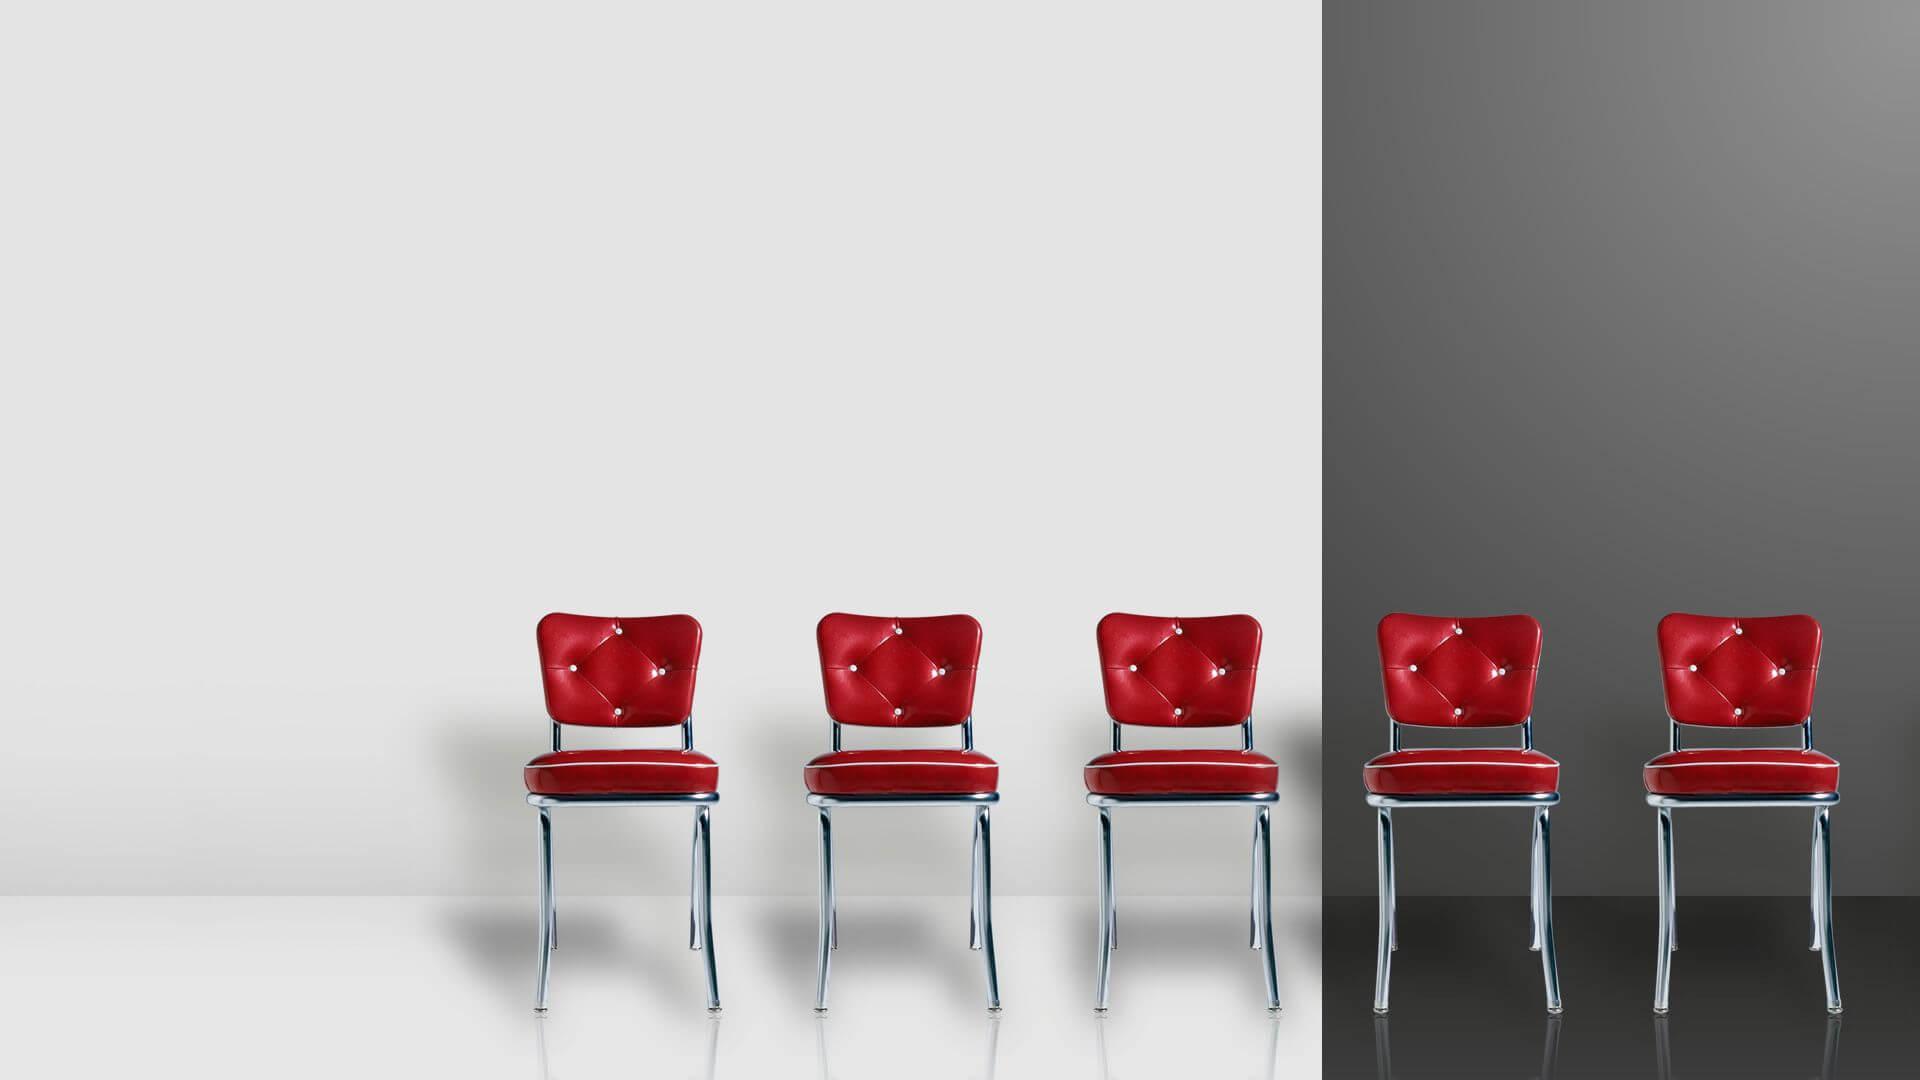 Fila de sillas rojas